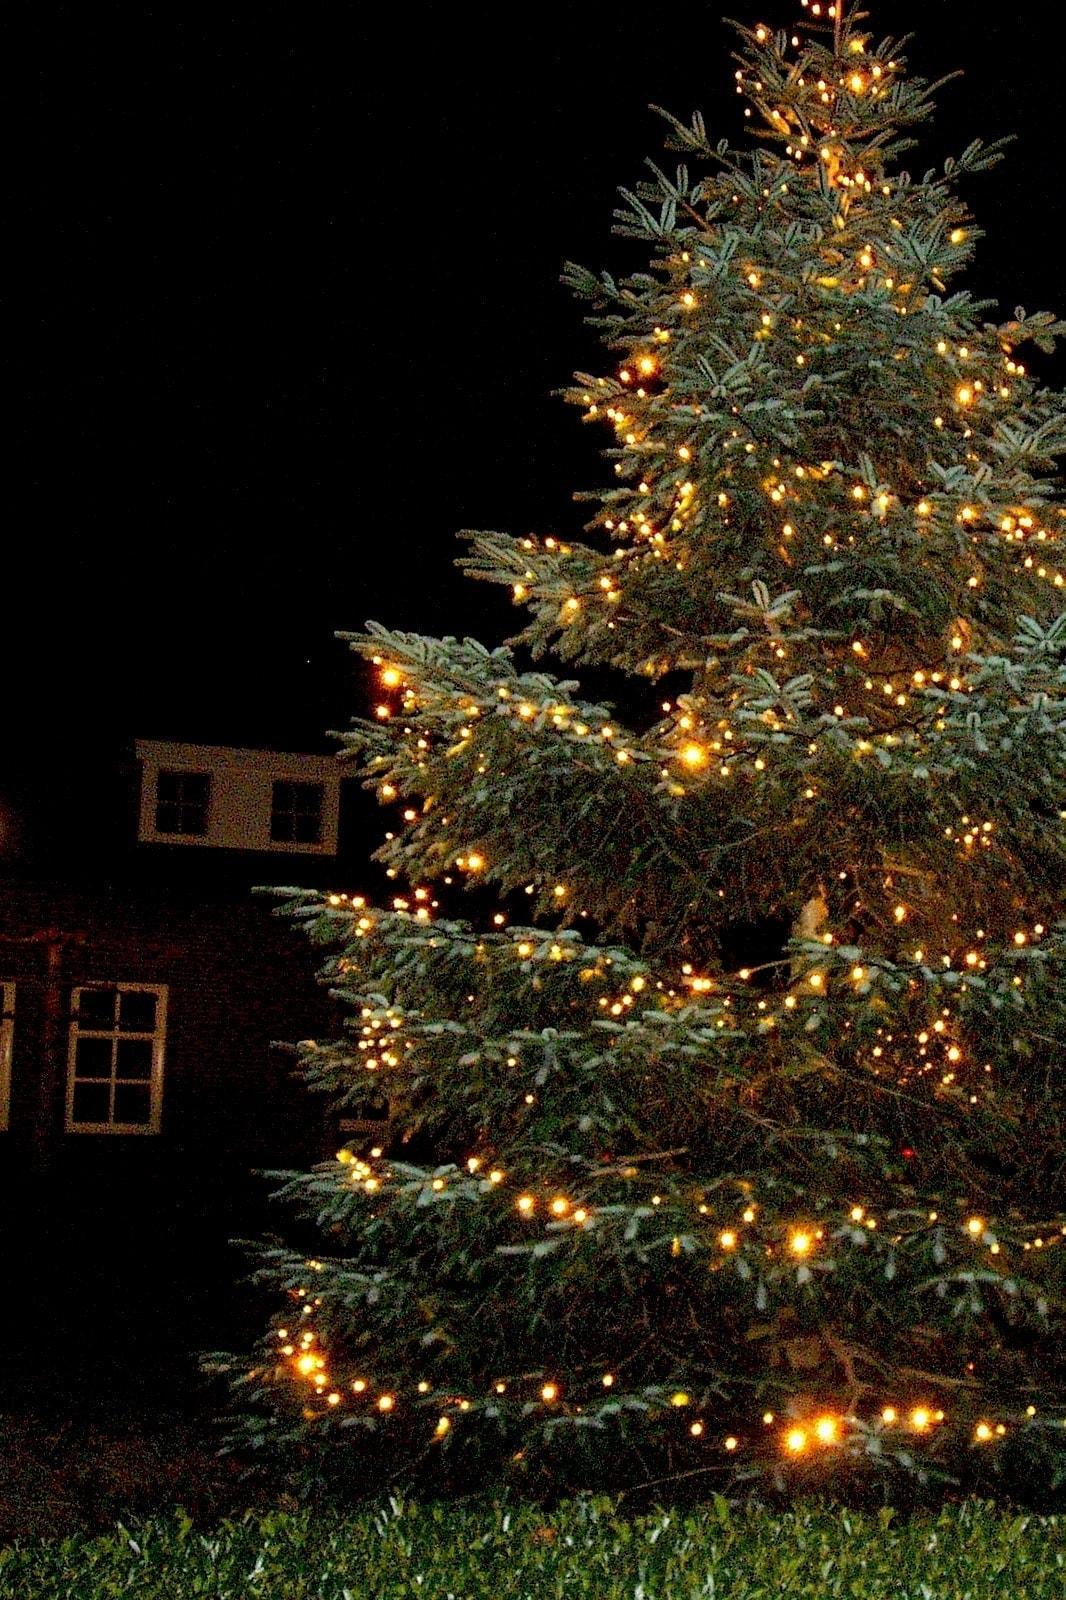 grote kerstboom verlichting